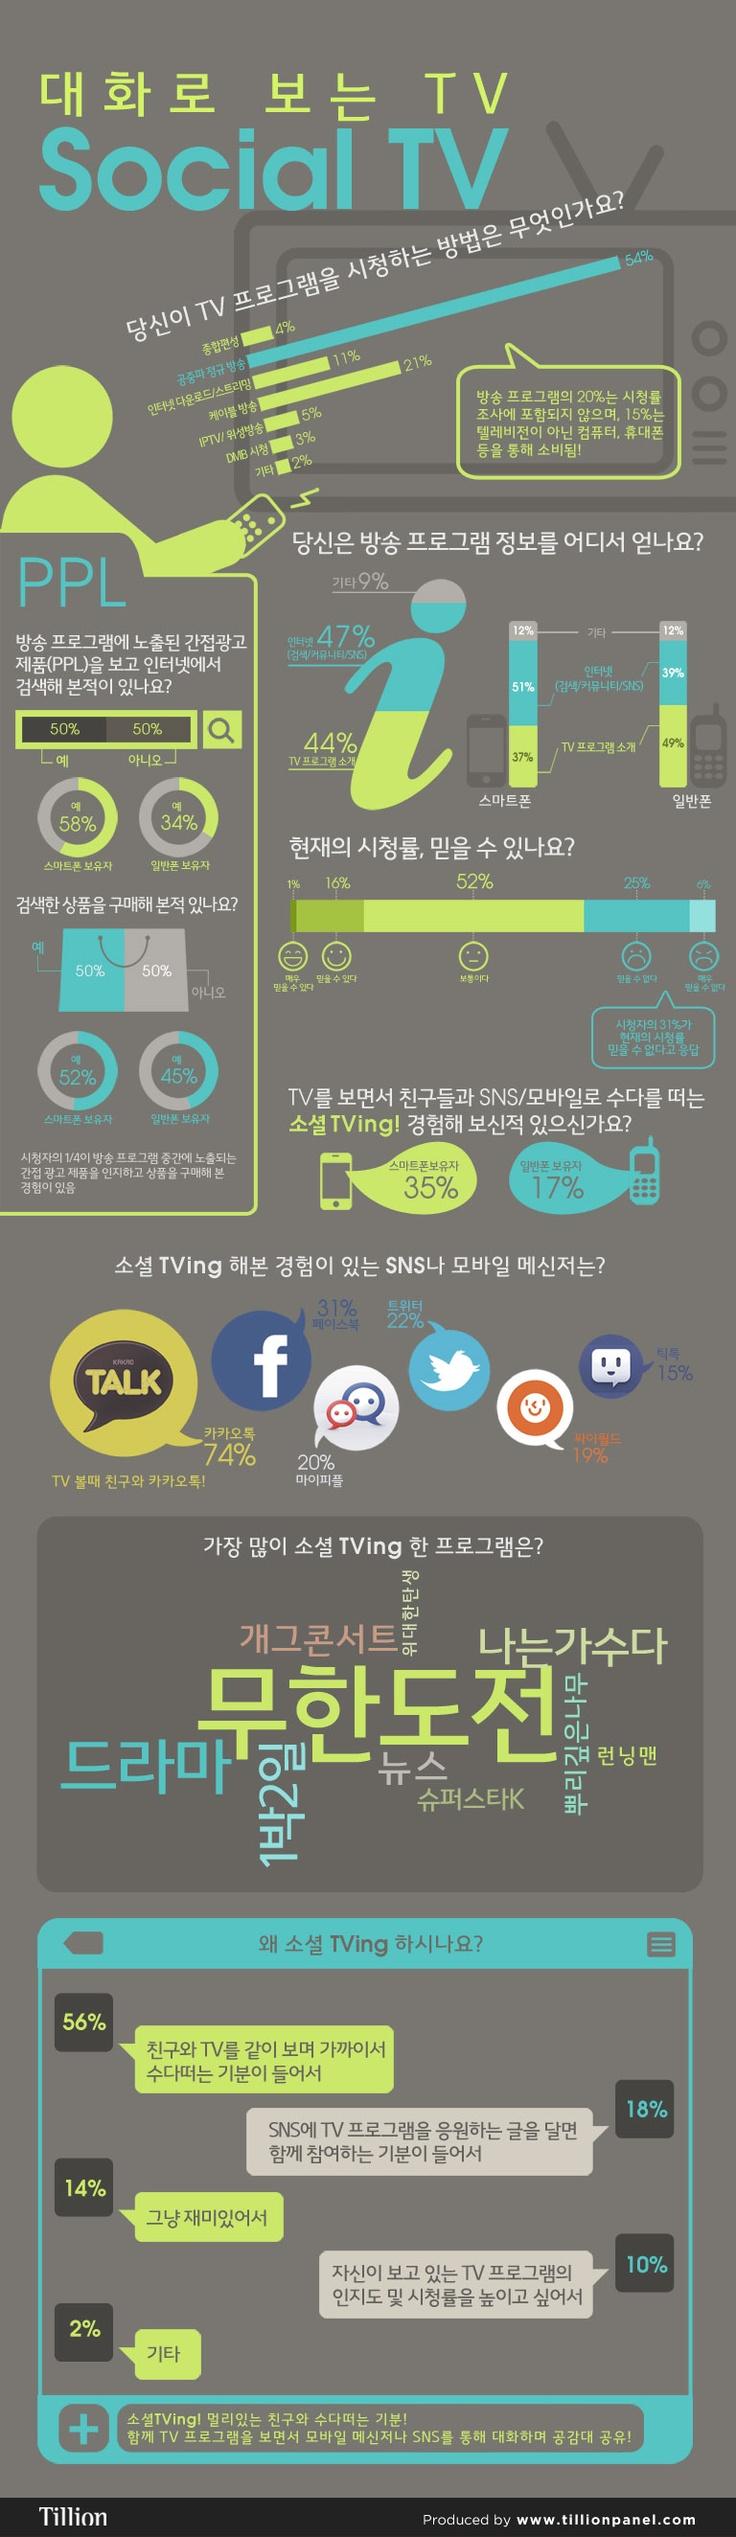 대화로 보는 TV Social TV